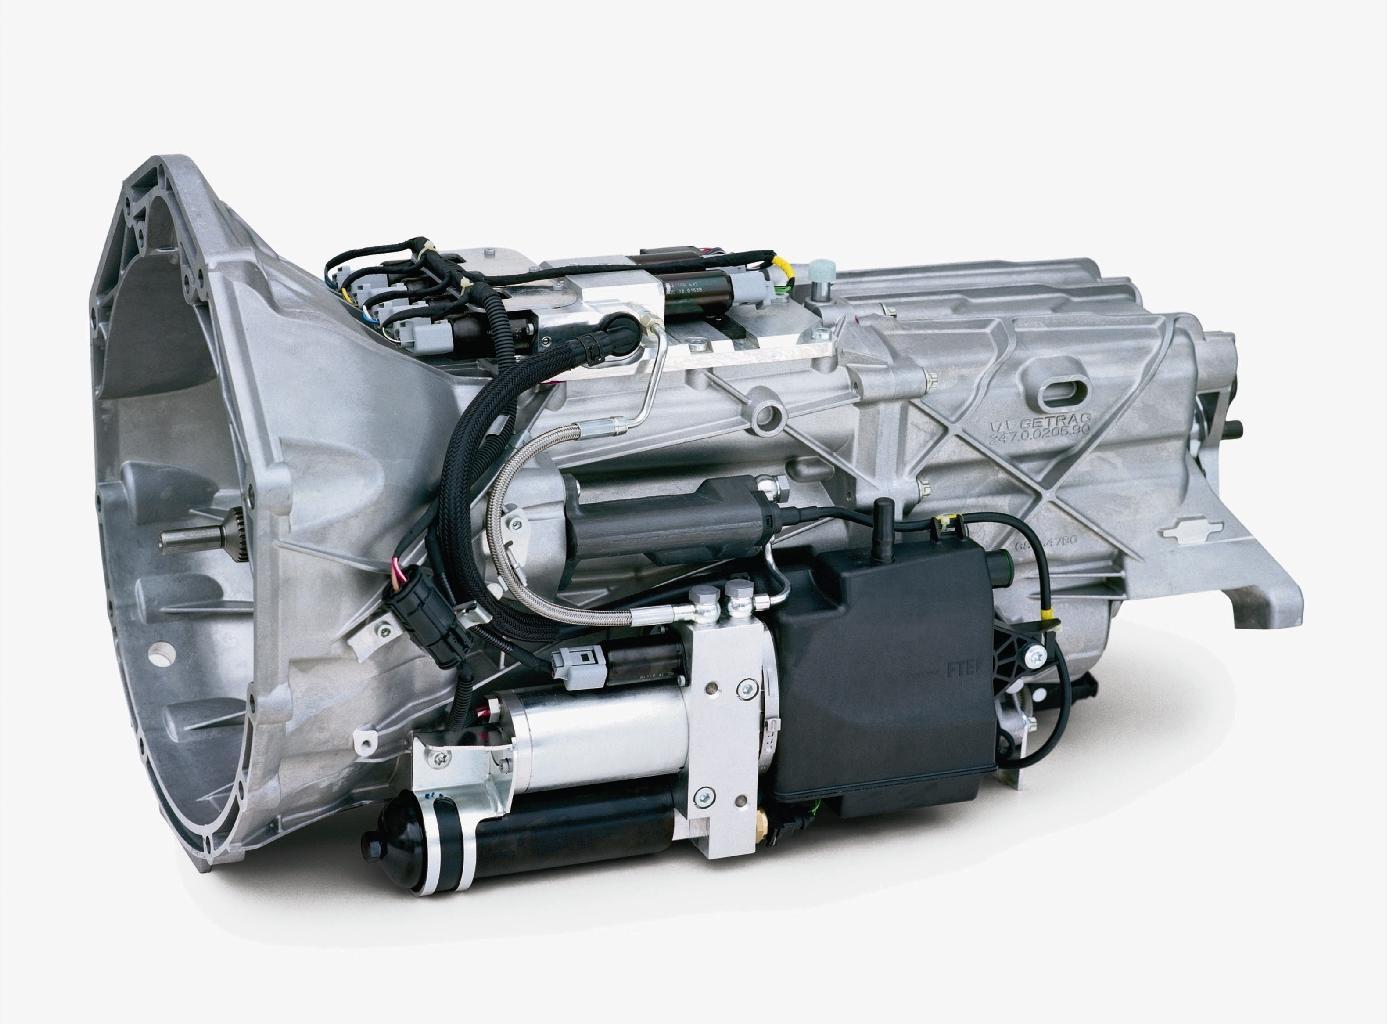 Boite-sequentielle-BMW-SMG--2.jpg